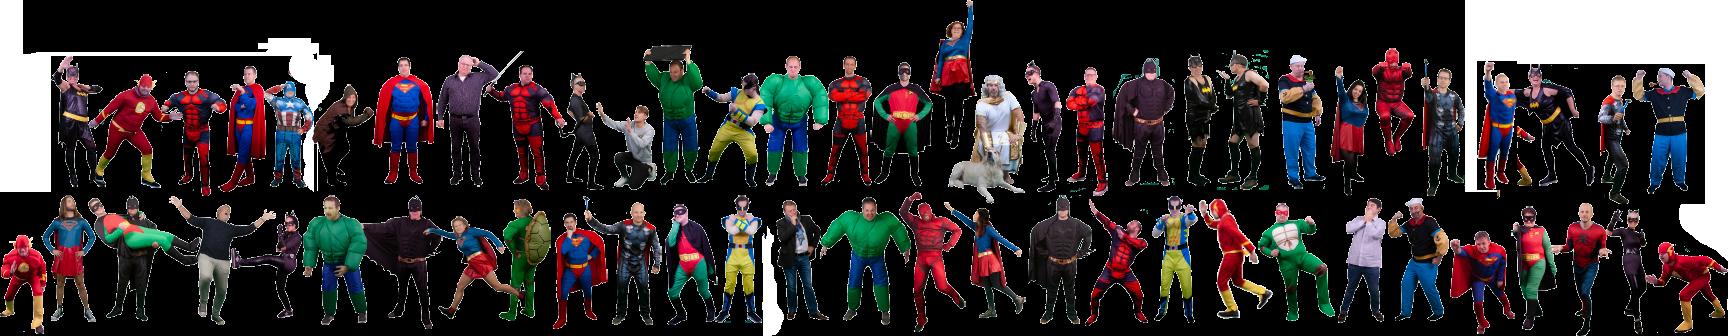 K-iS Heroes